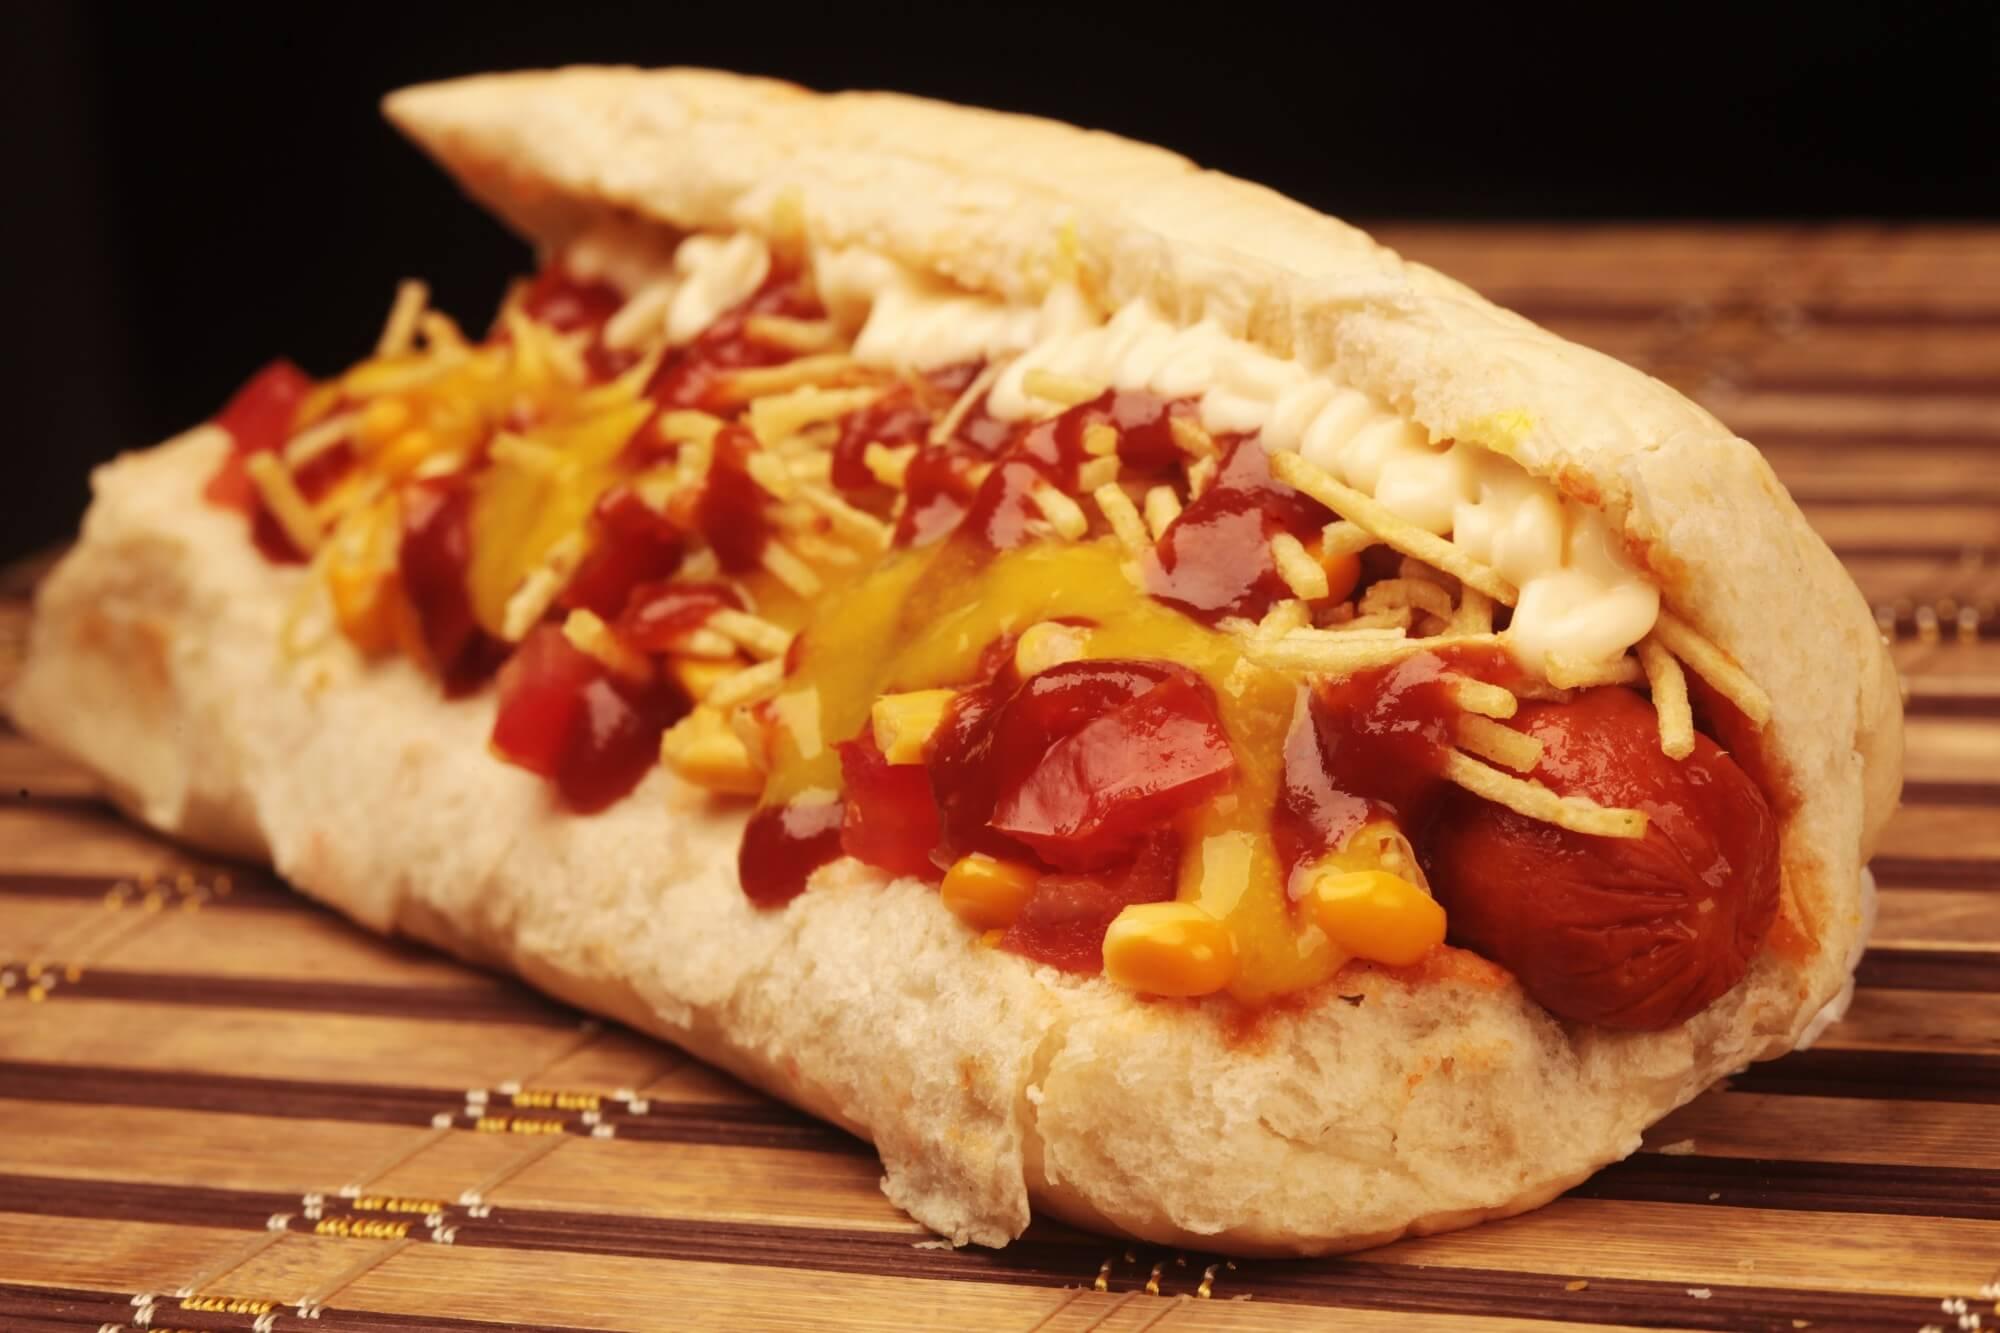 Google Image Hot Dog